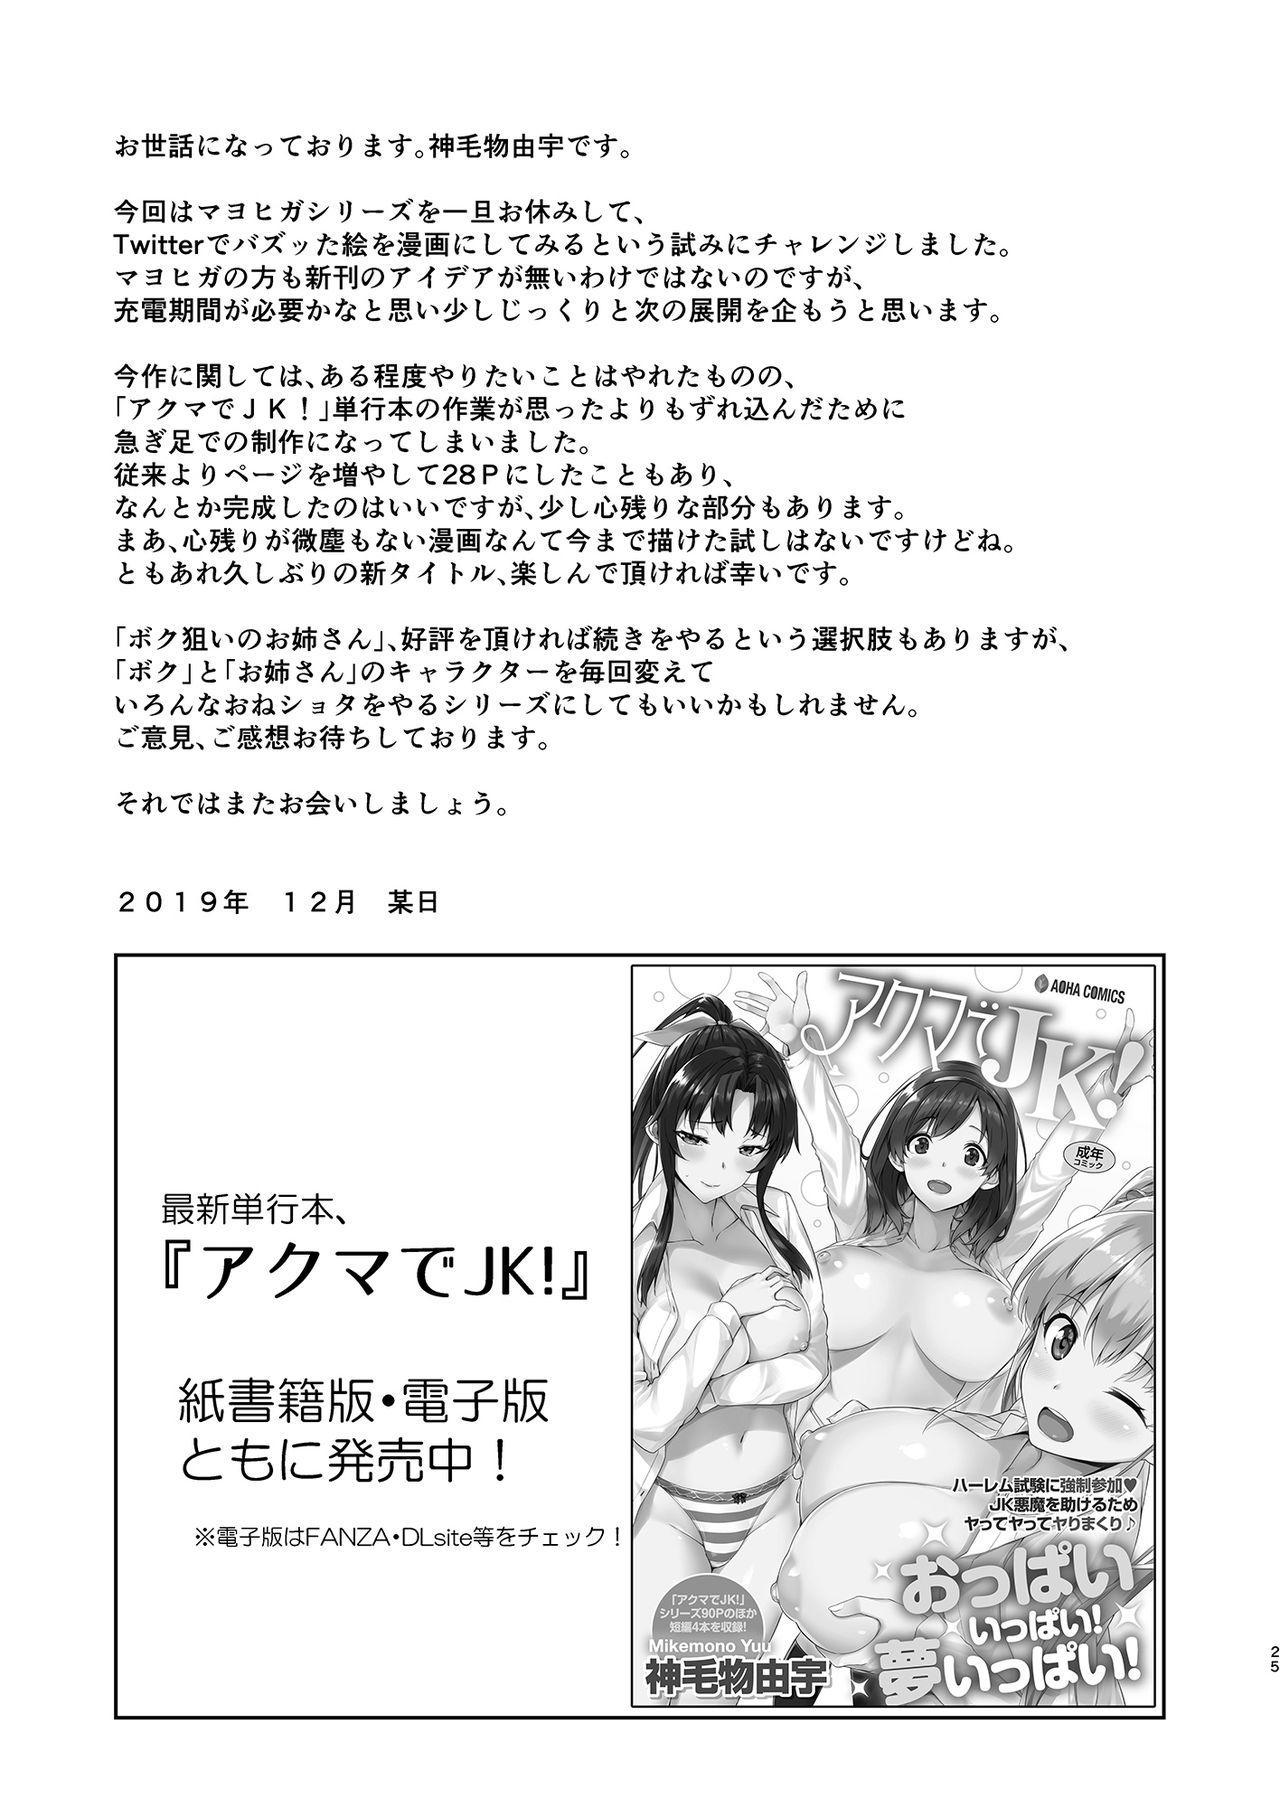 Boku Nerai no Onee-san 24